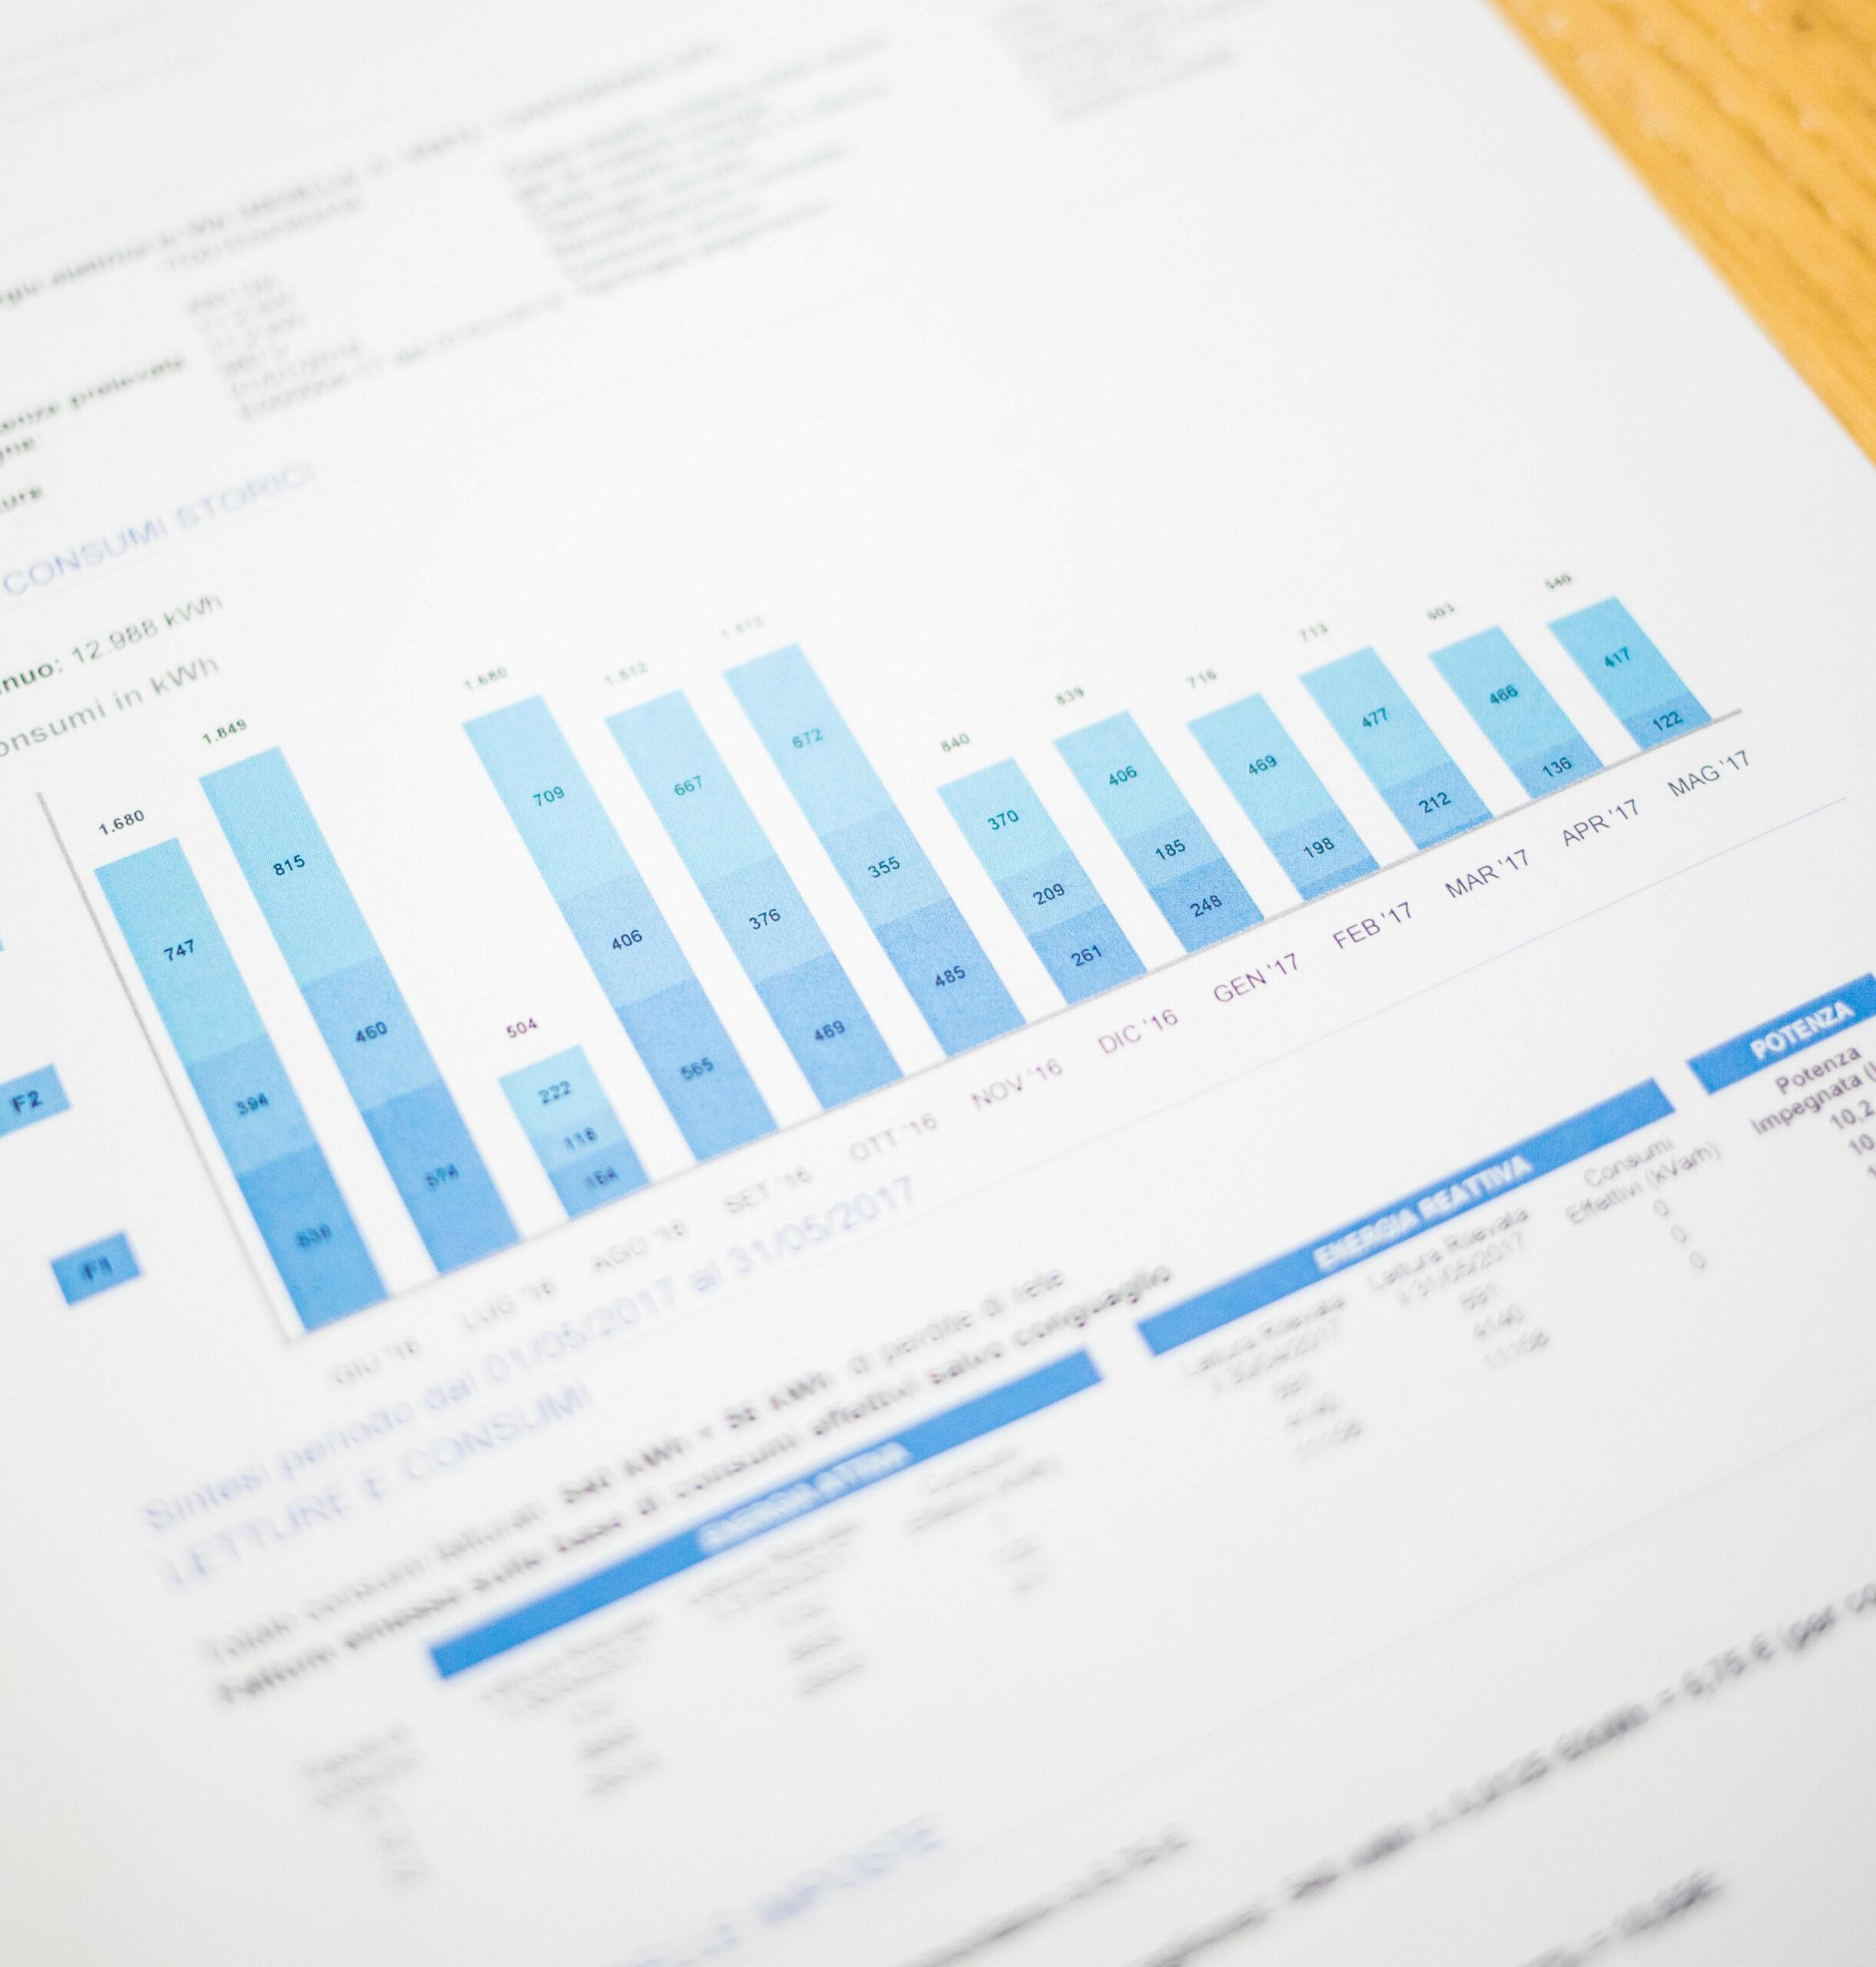 Energiedaten analysieren